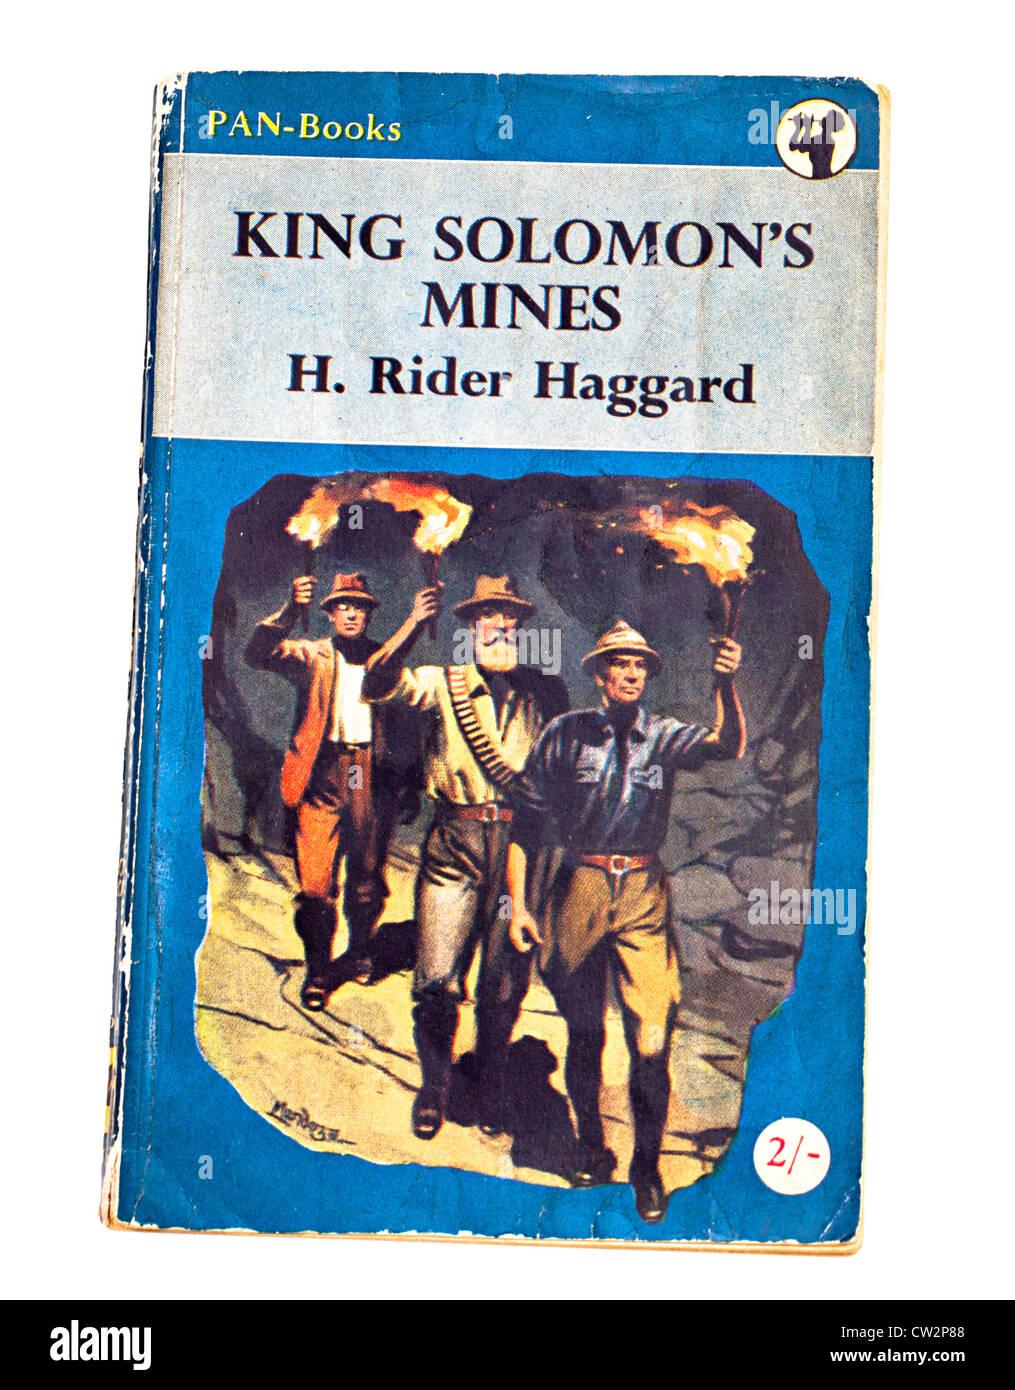 Klassische Kinder Abenteuer Geschichtebuch König Solomons Mines von H. Rider Haggard herausgegeben von Pan Stockbild